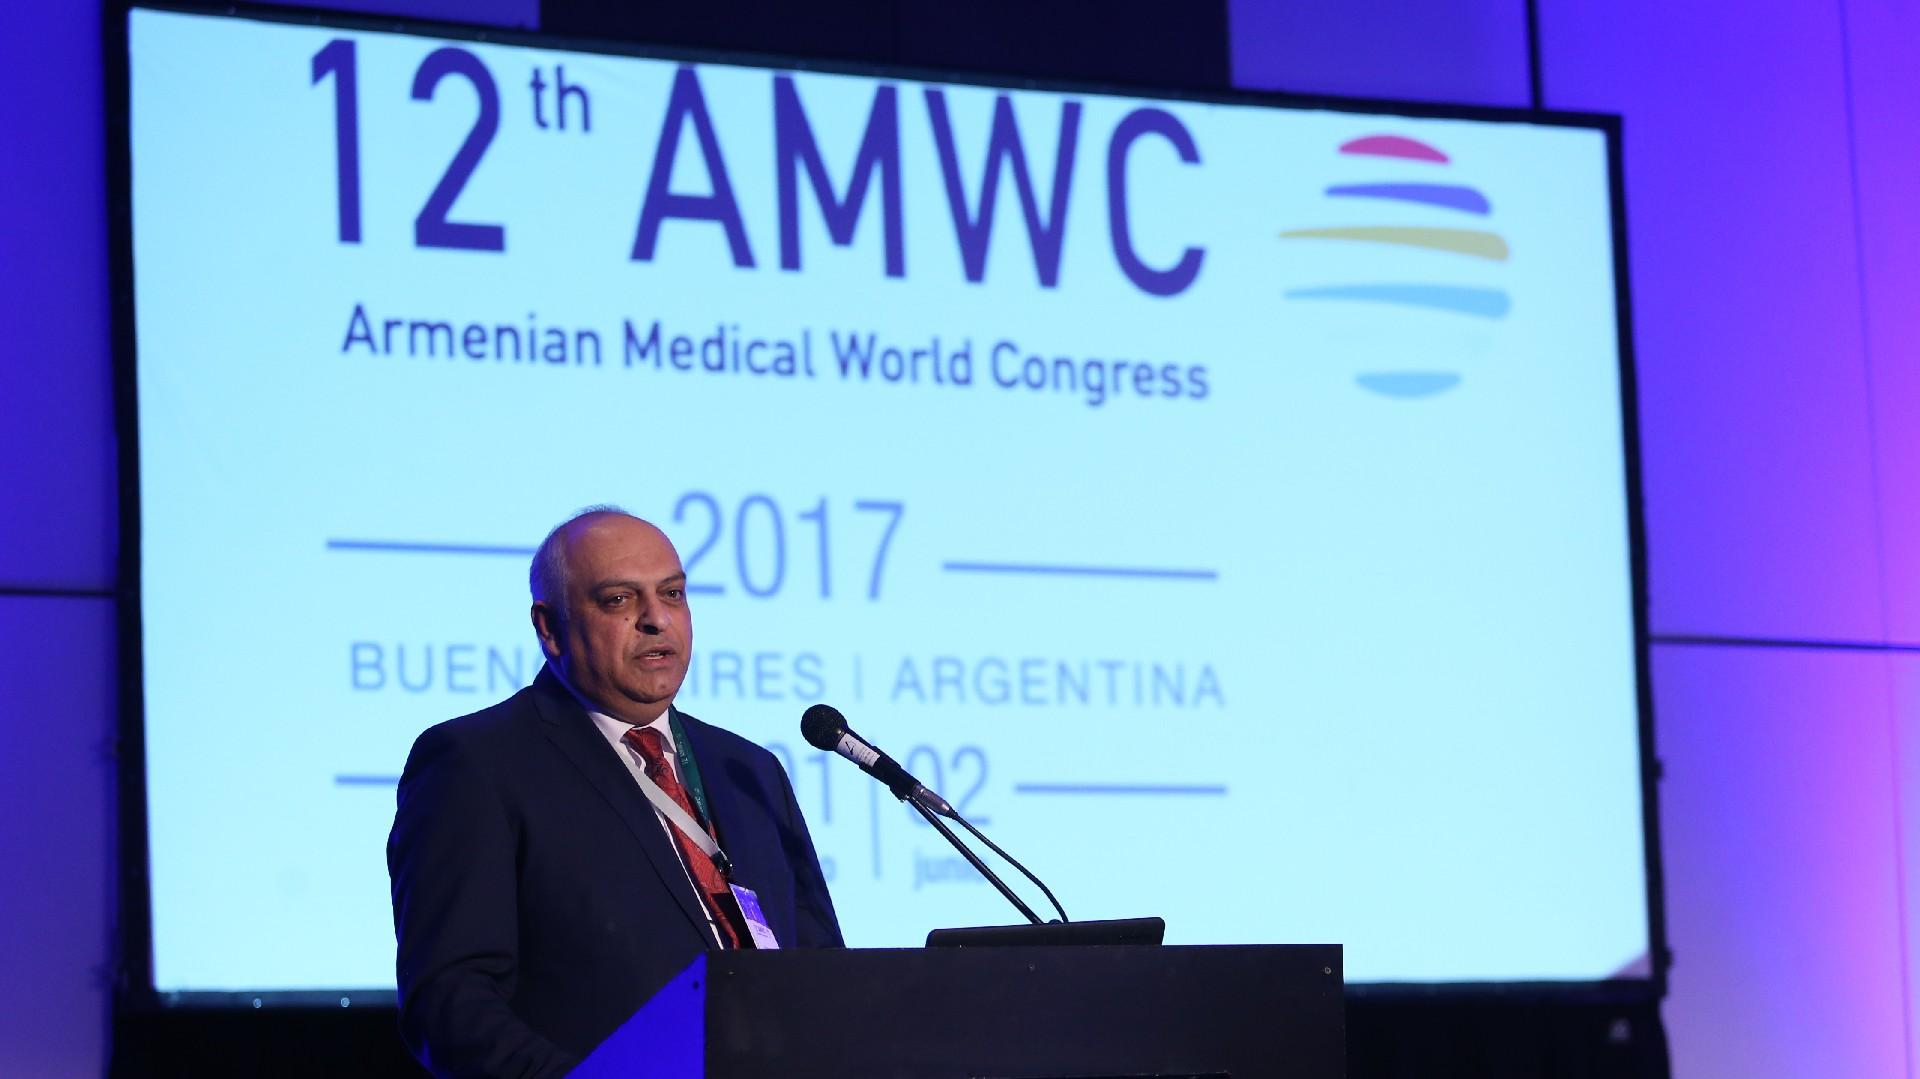 Khachatryan Sergey, viceministro de Salud de Armenia